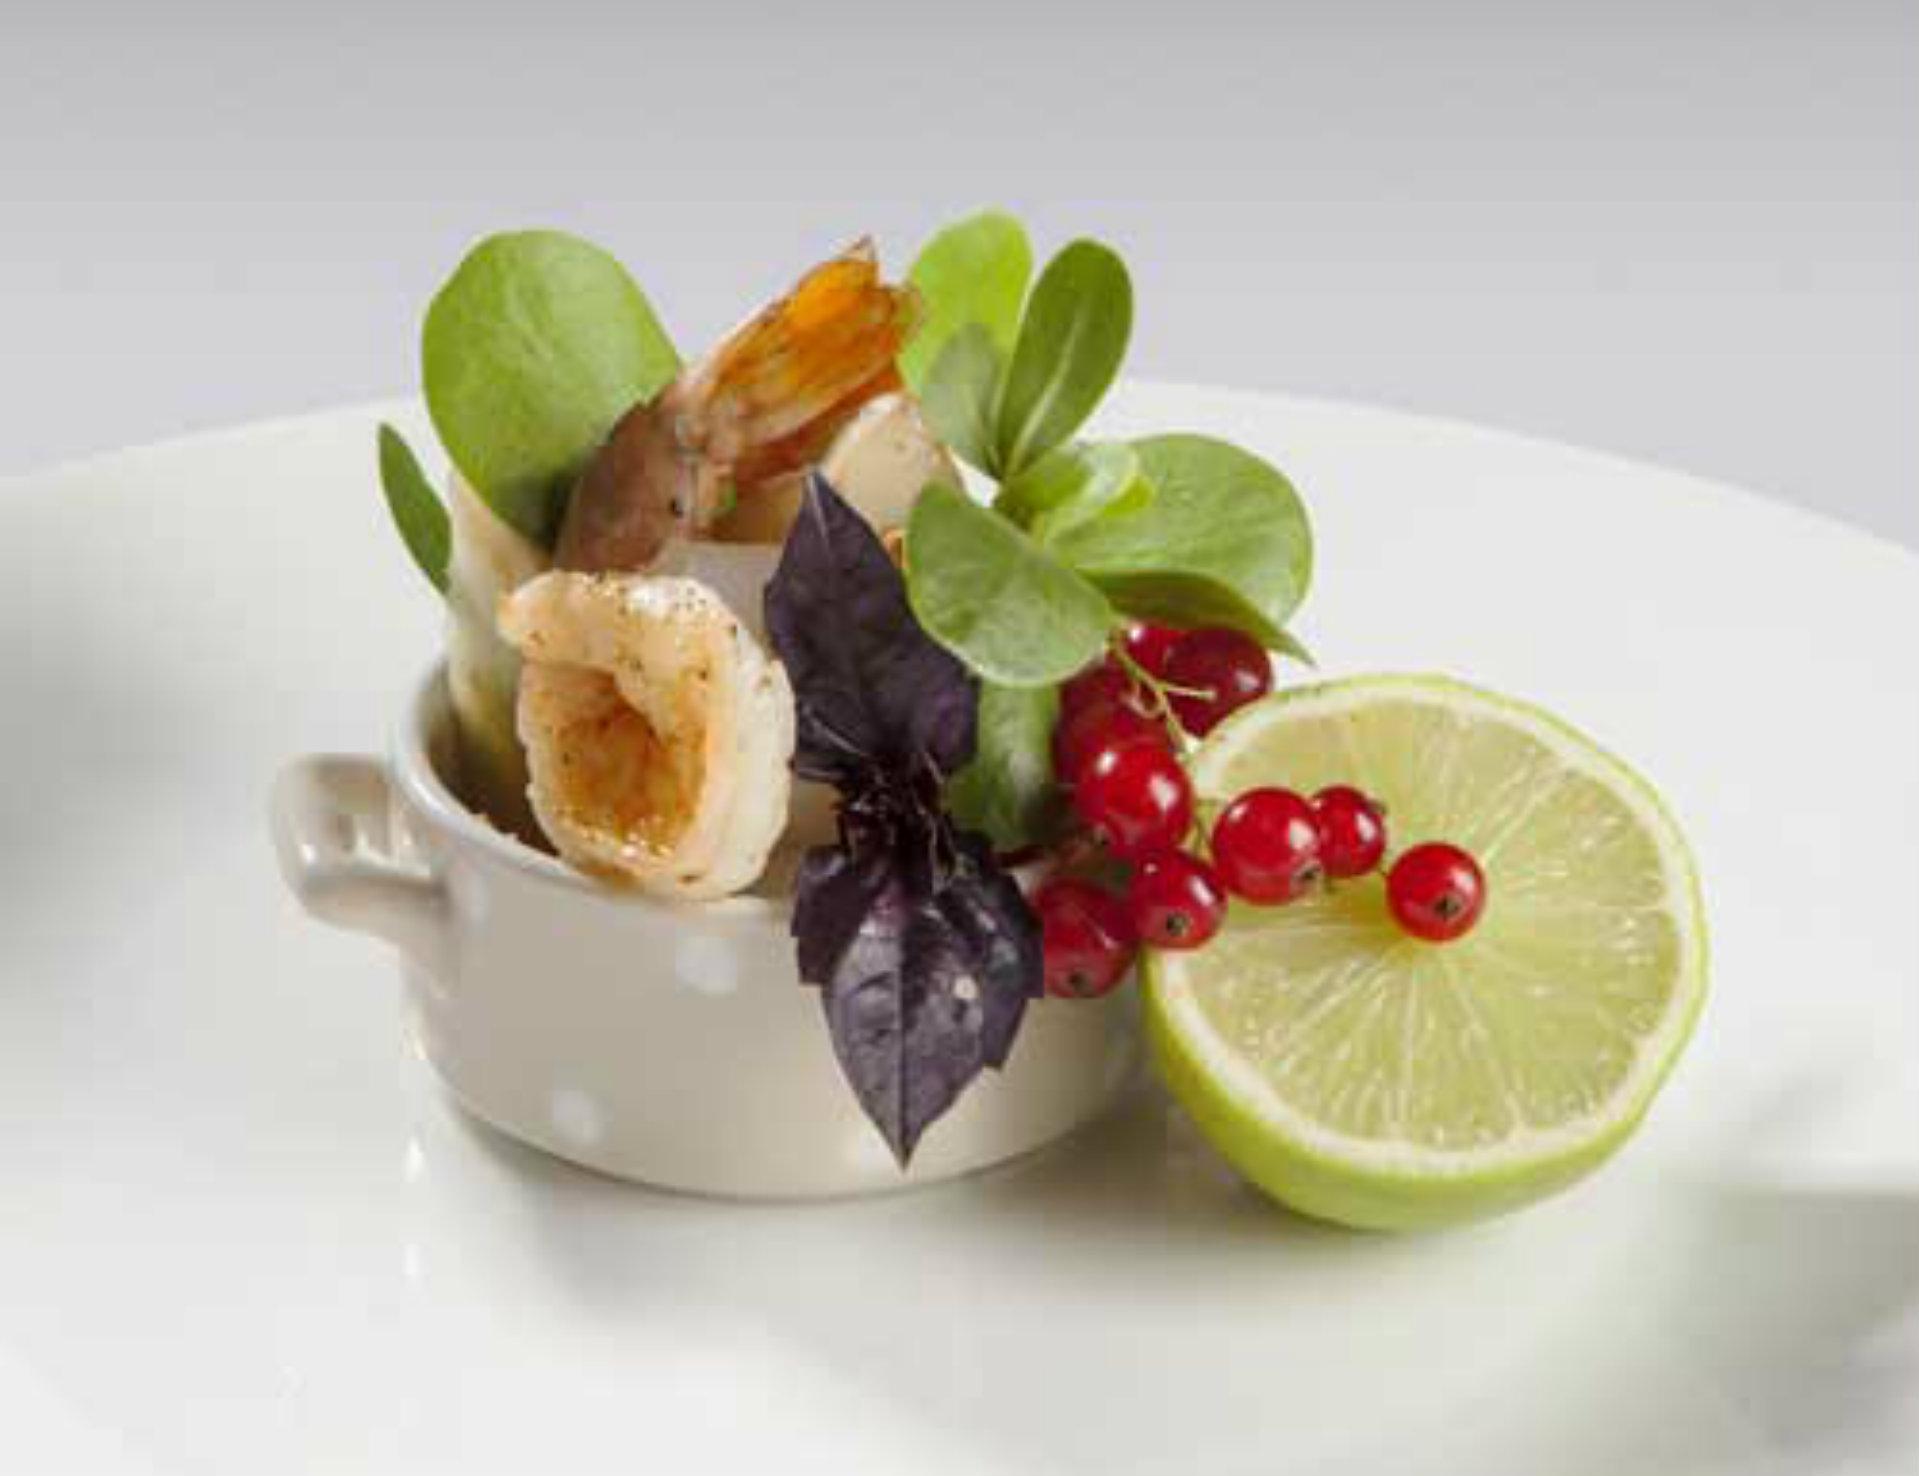 Cours de cuisine saveurs de plantes sauvages plus de 1500 id es cadeaux - Cuisine plantes sauvages ...